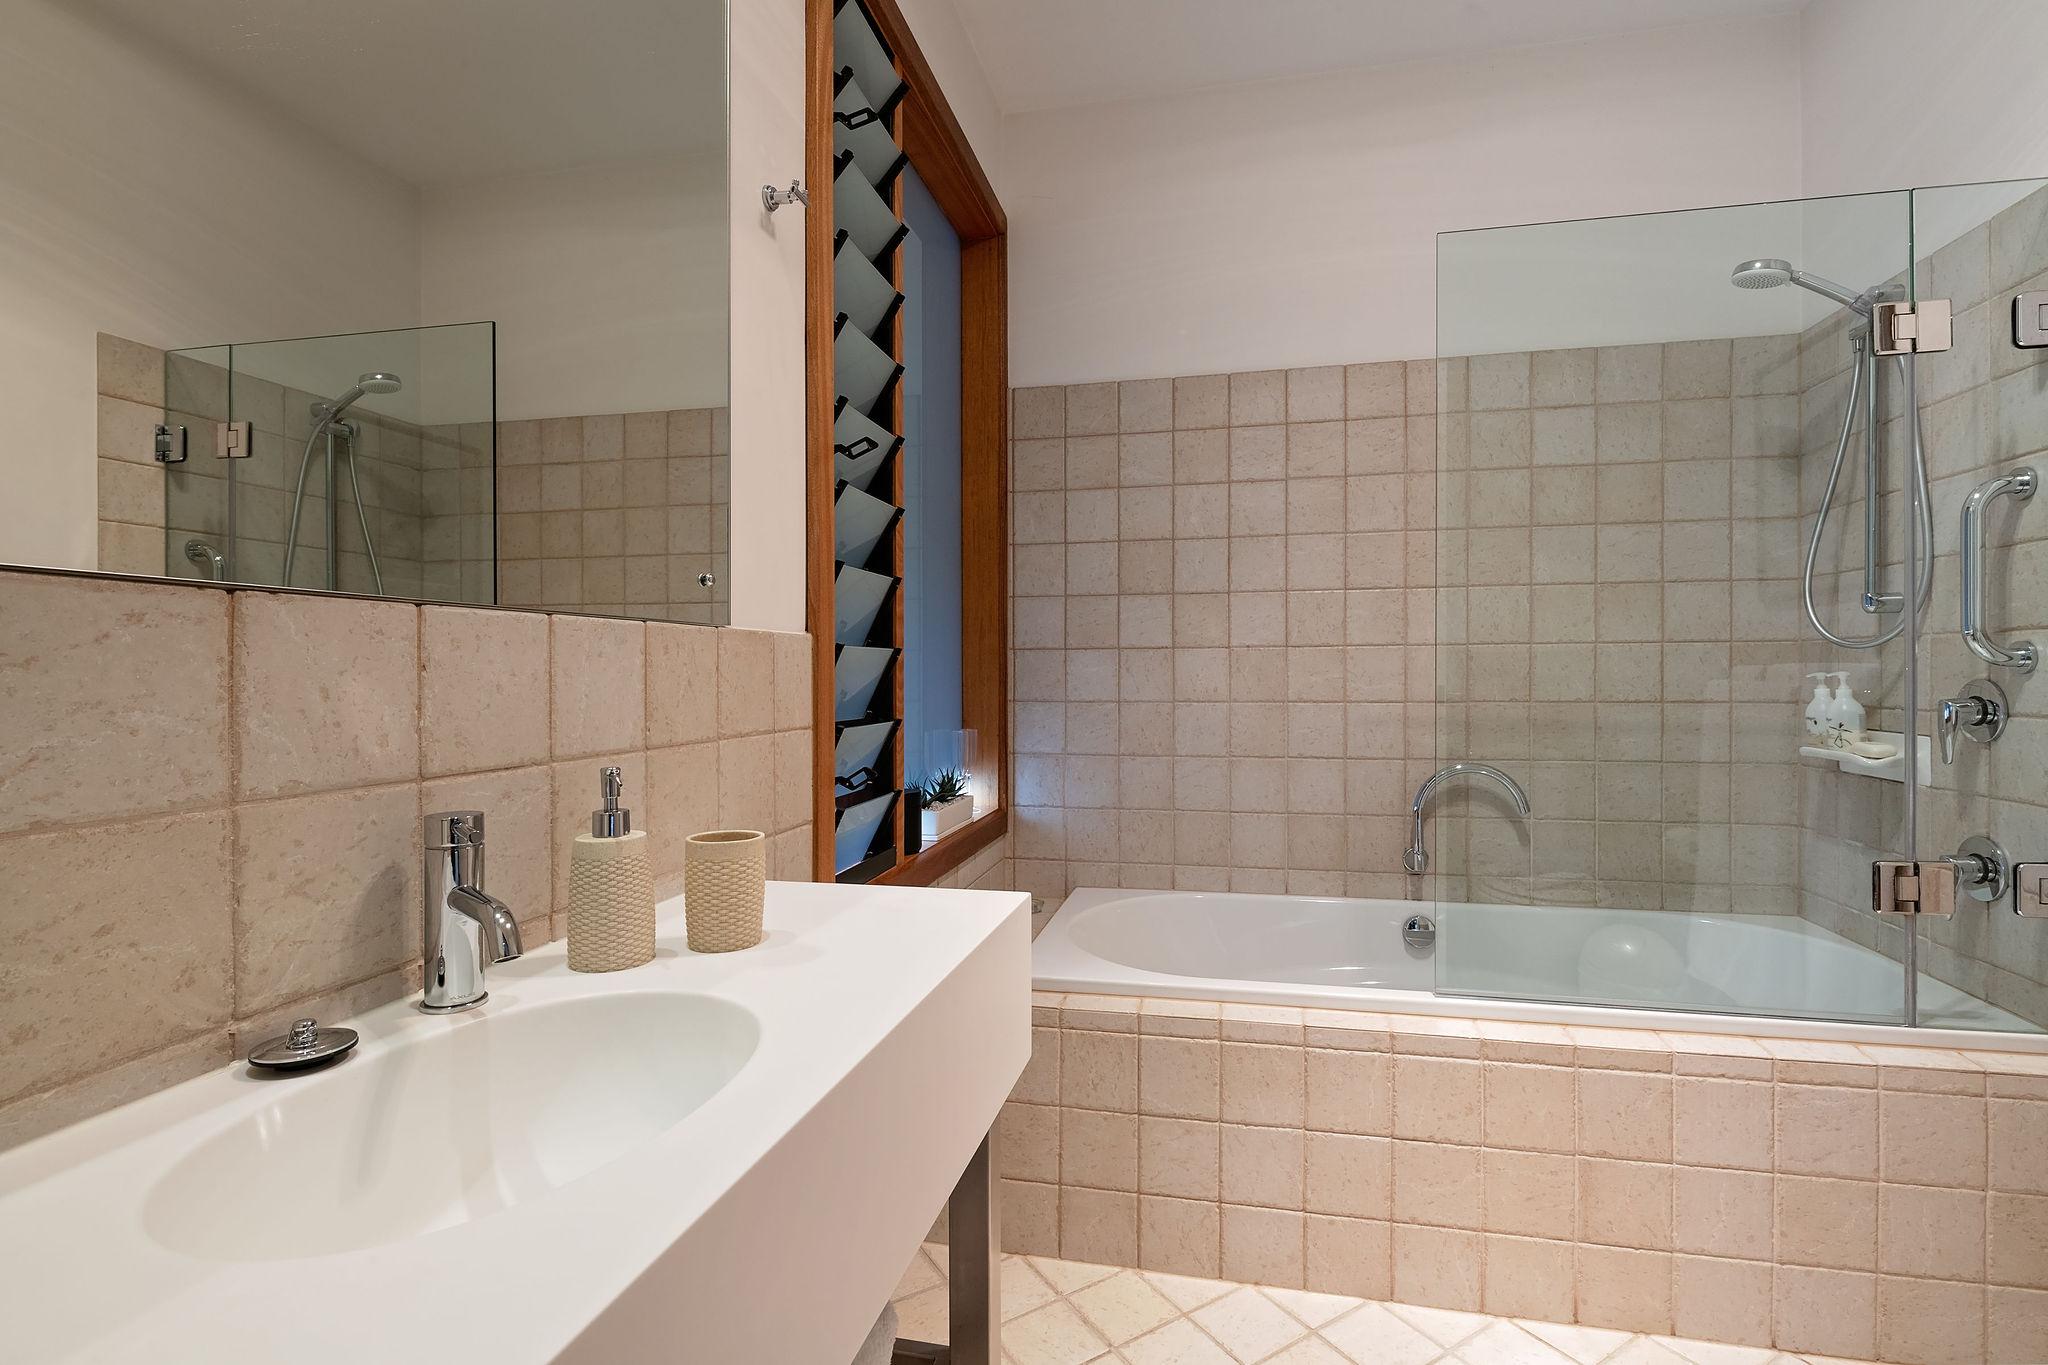 Billabong bathroom